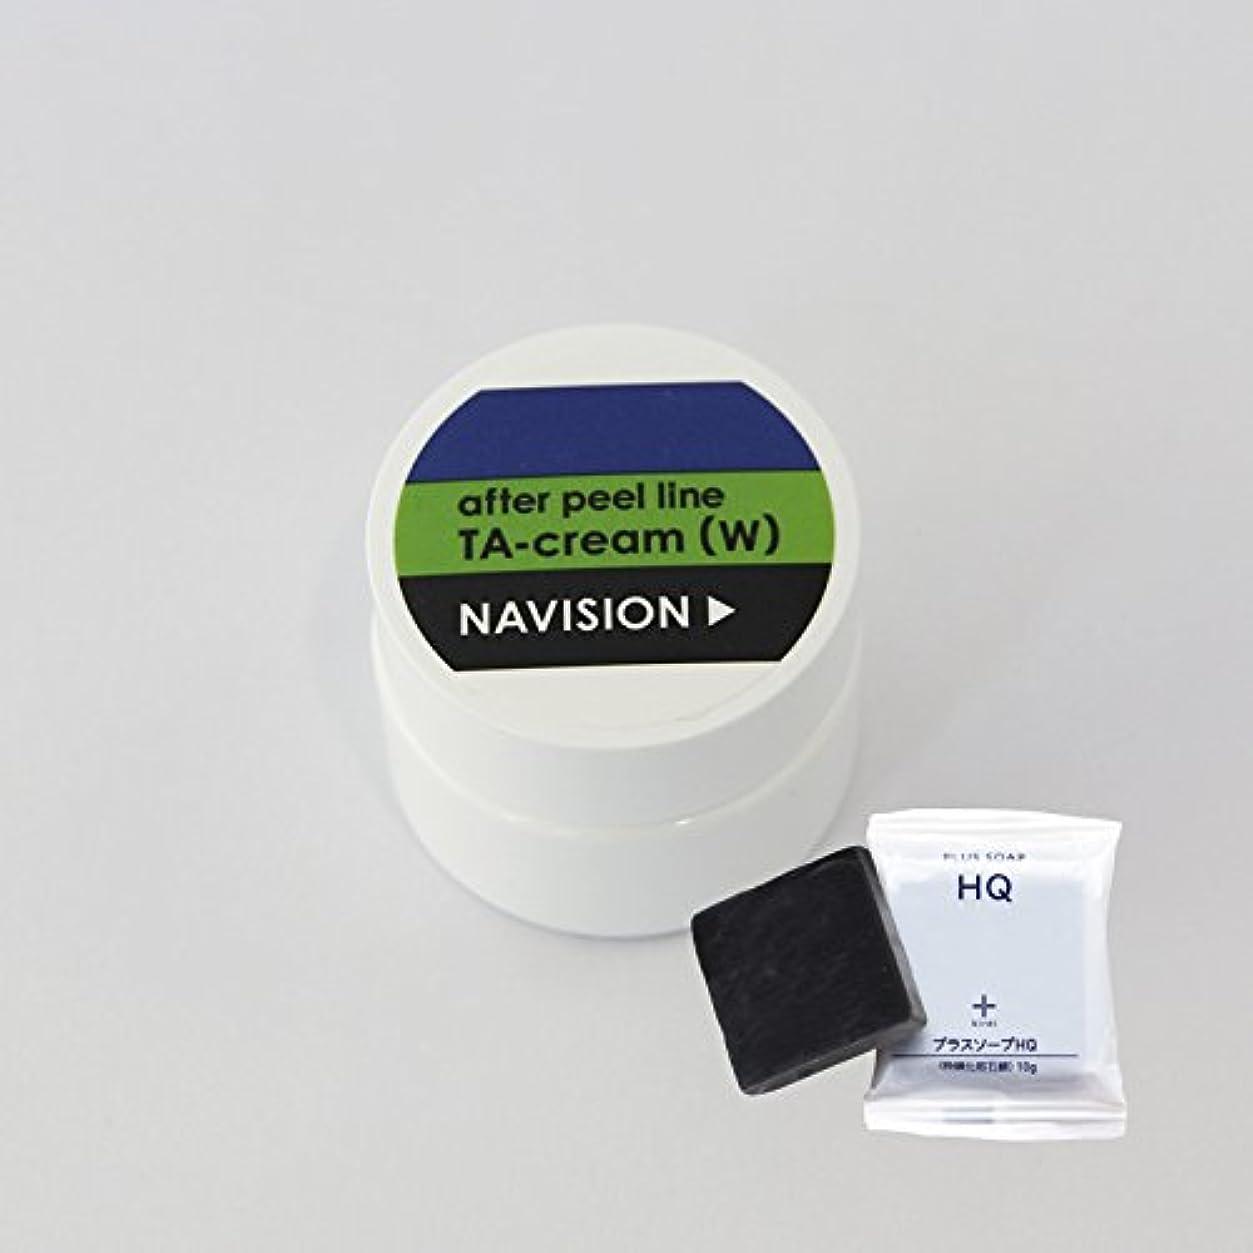 モノグラフパキスタン人自己ナビジョン NAVISION TAクリーム(W) 30g (医薬部外品) + プラスキレイ プラスソープHQミニ